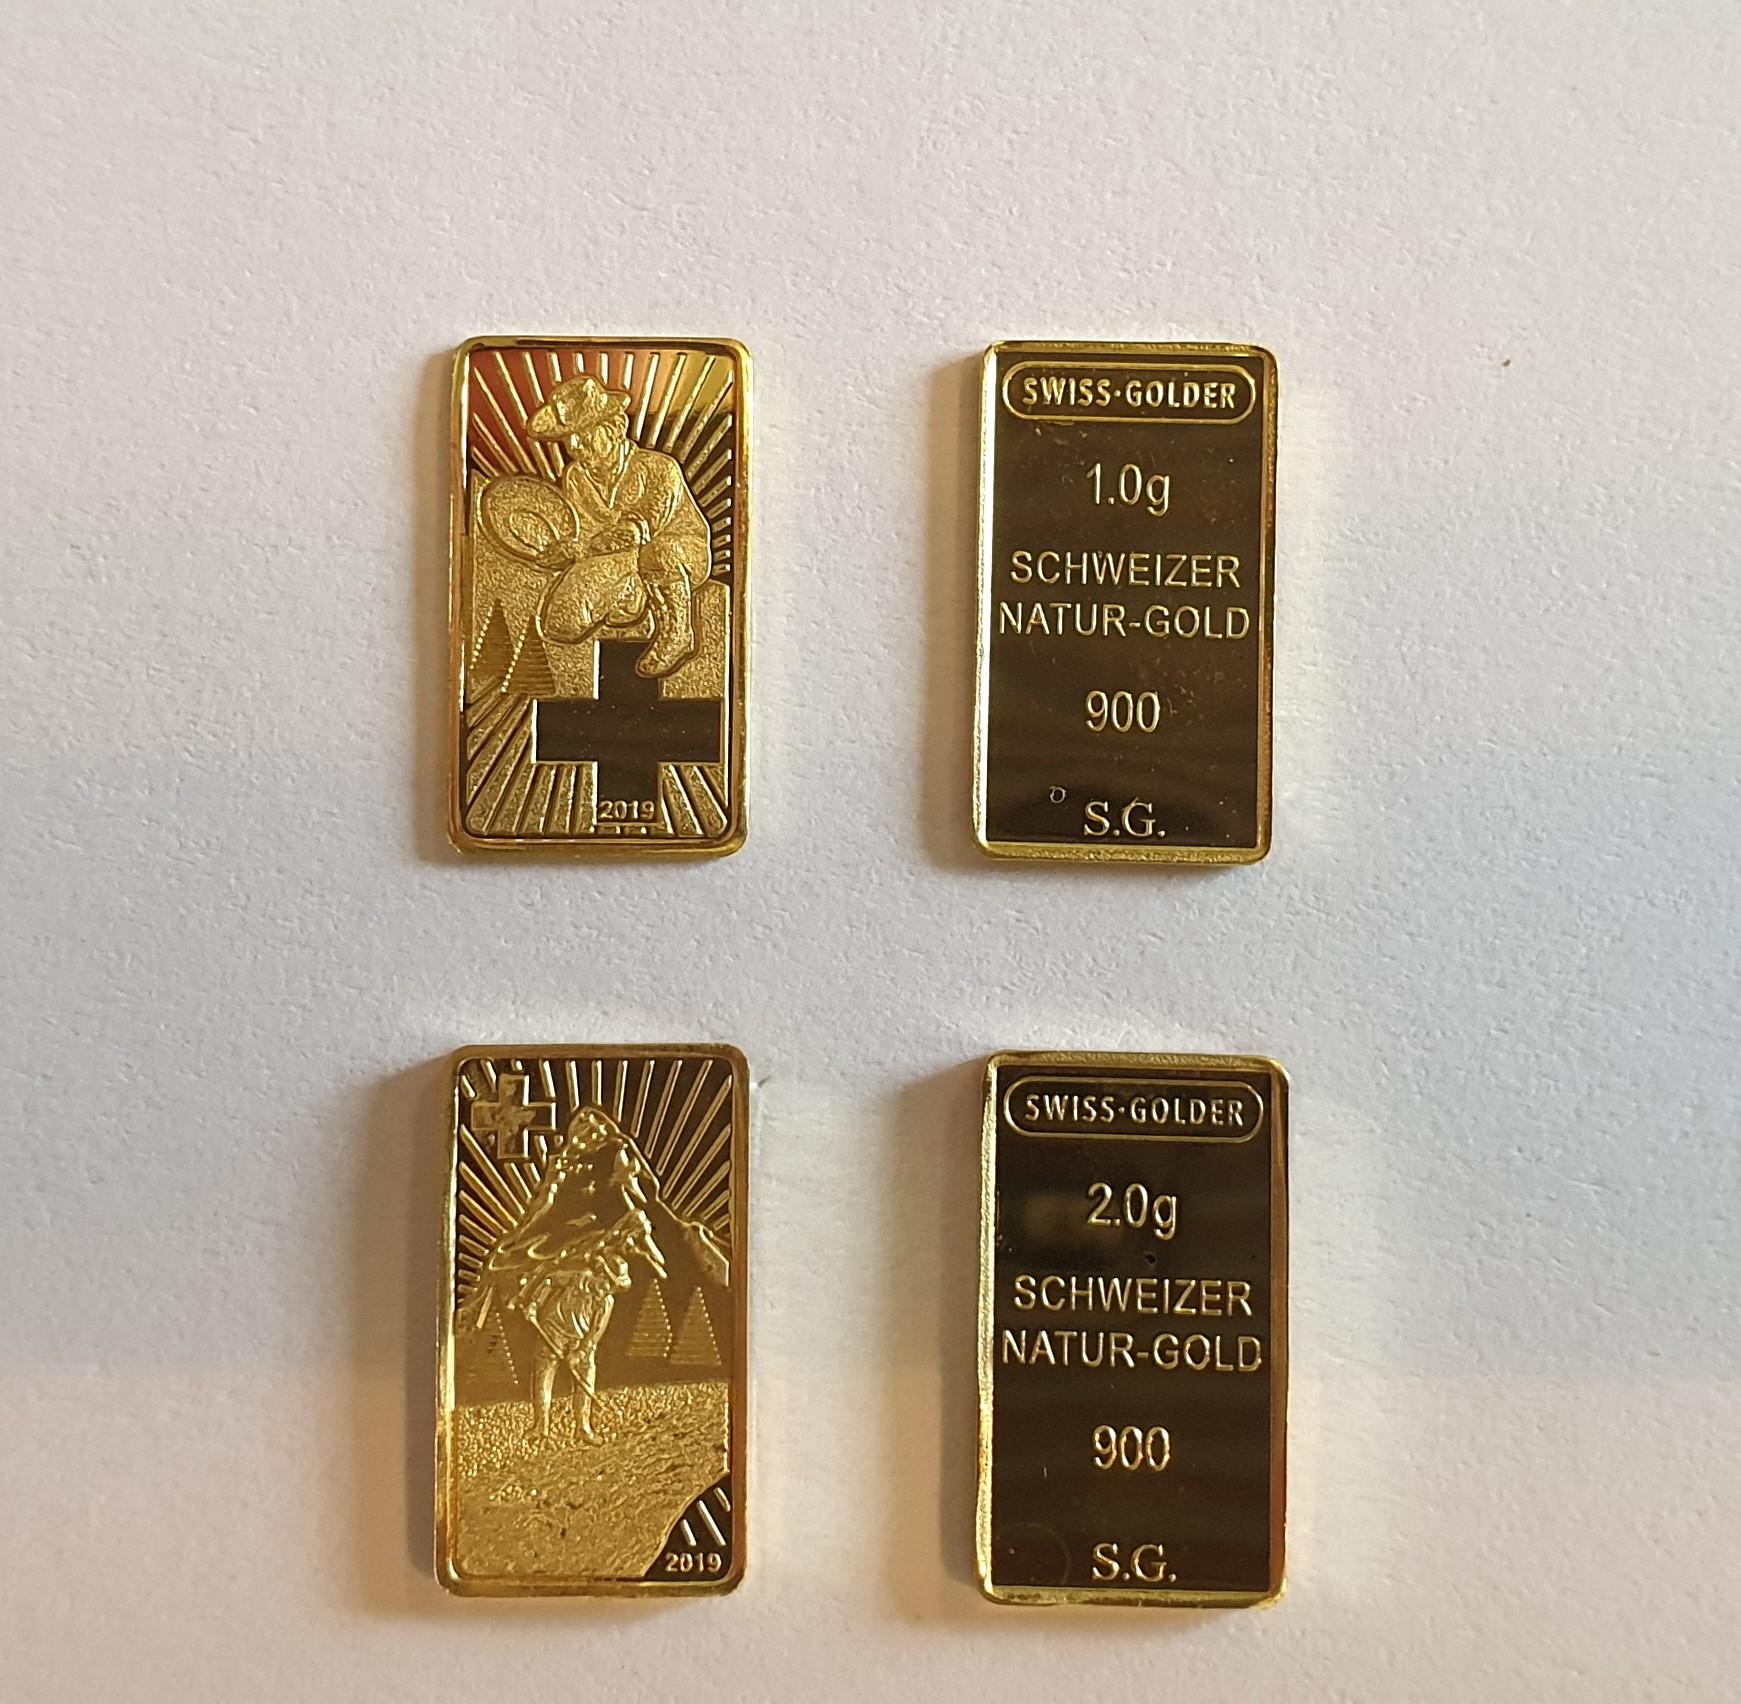 1 + 2 gramm Goldbarren aus Schweizer Naturgold